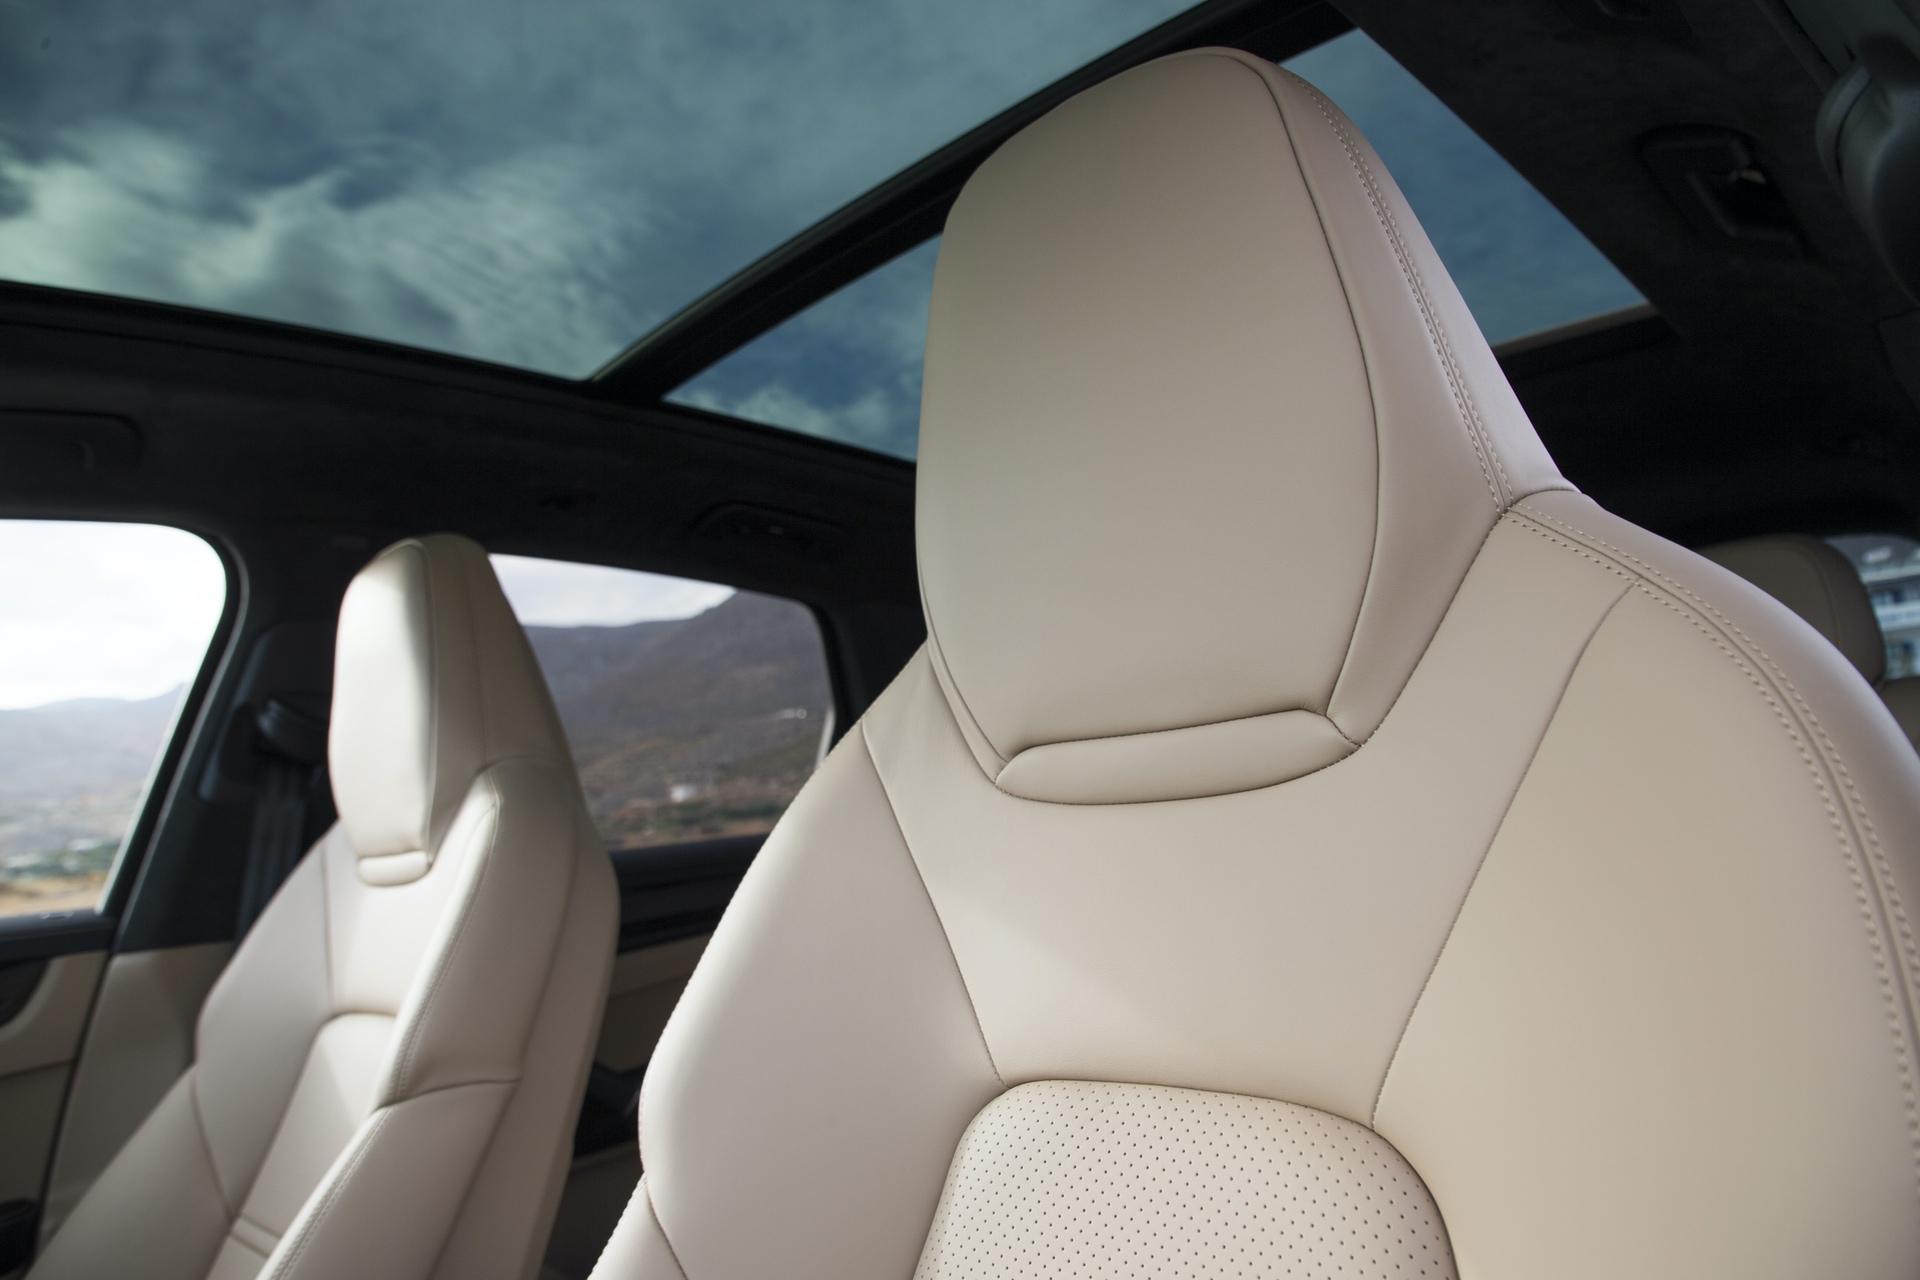 Test_Drive_Porsche_Cayenne_228